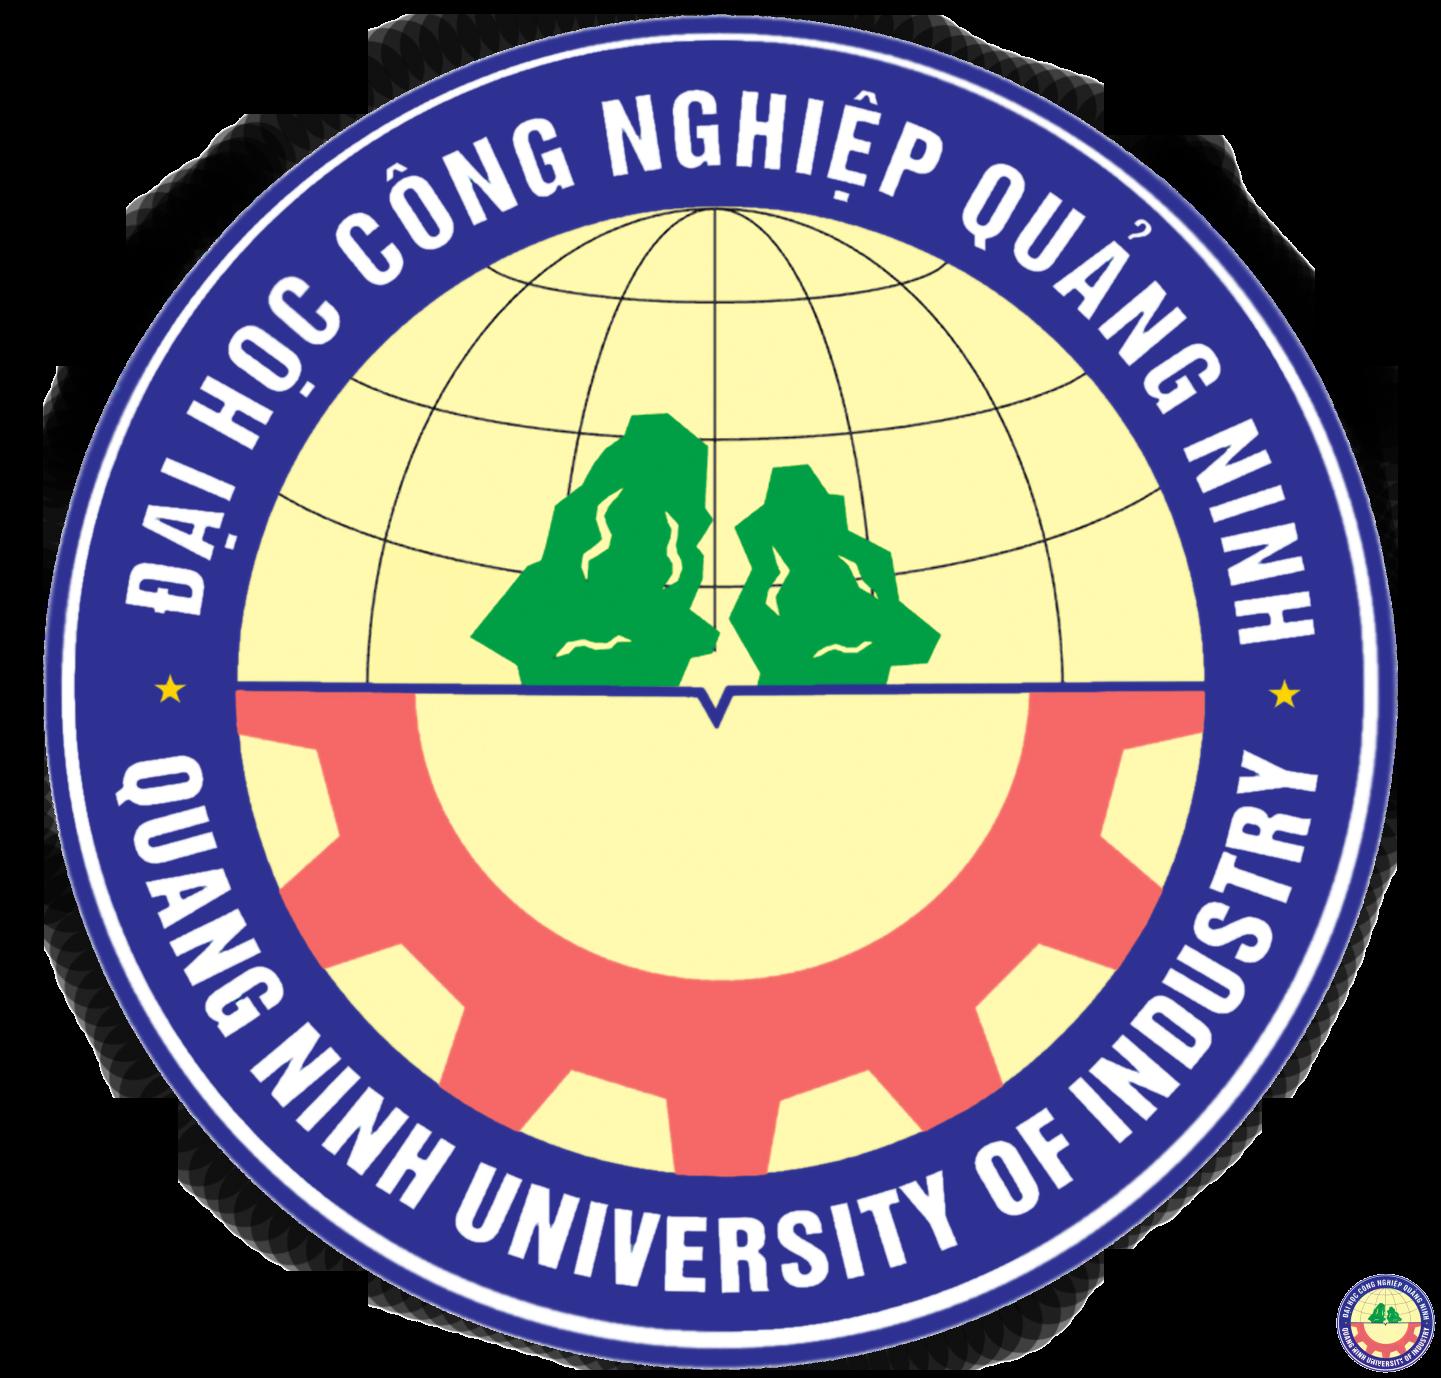 Trường Đại học Công nghiệp Quảng Ninh  tổ chức lớp đào tạo ISO 9001:2008